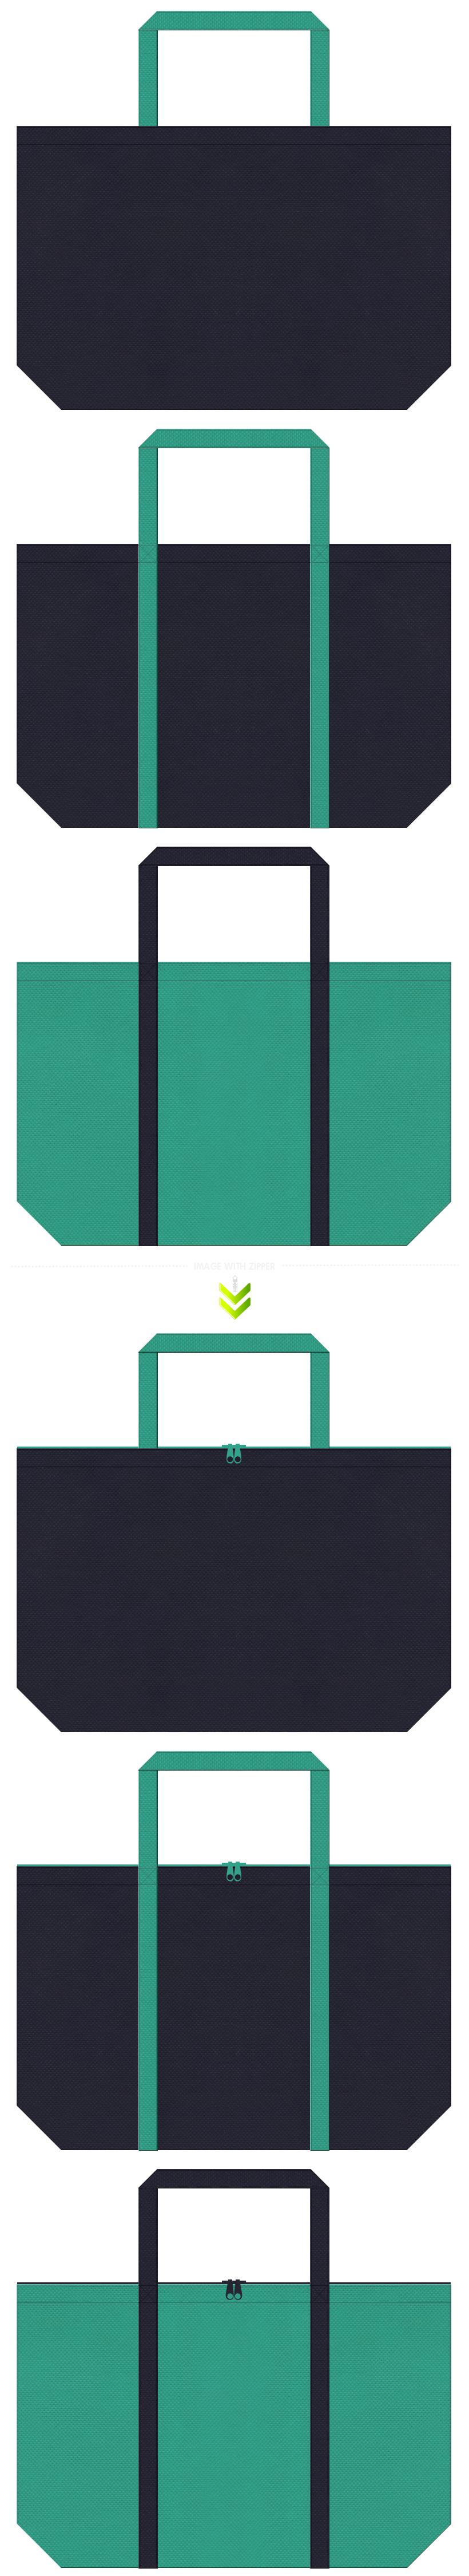 春夏・サマーイベント・マリンルック・マリンスポーツ・ボート・ヨット・クルージング・リーフ・ダイビング・釣具・ユニフォーム・運動靴・アウトドア・スポーツイベント・スポーティーファッション・スポーツ用品のショッピングバッグ・ランドリーバッグにお奨めの不織布バッグデザイン:濃紺色と青緑色のコーデ